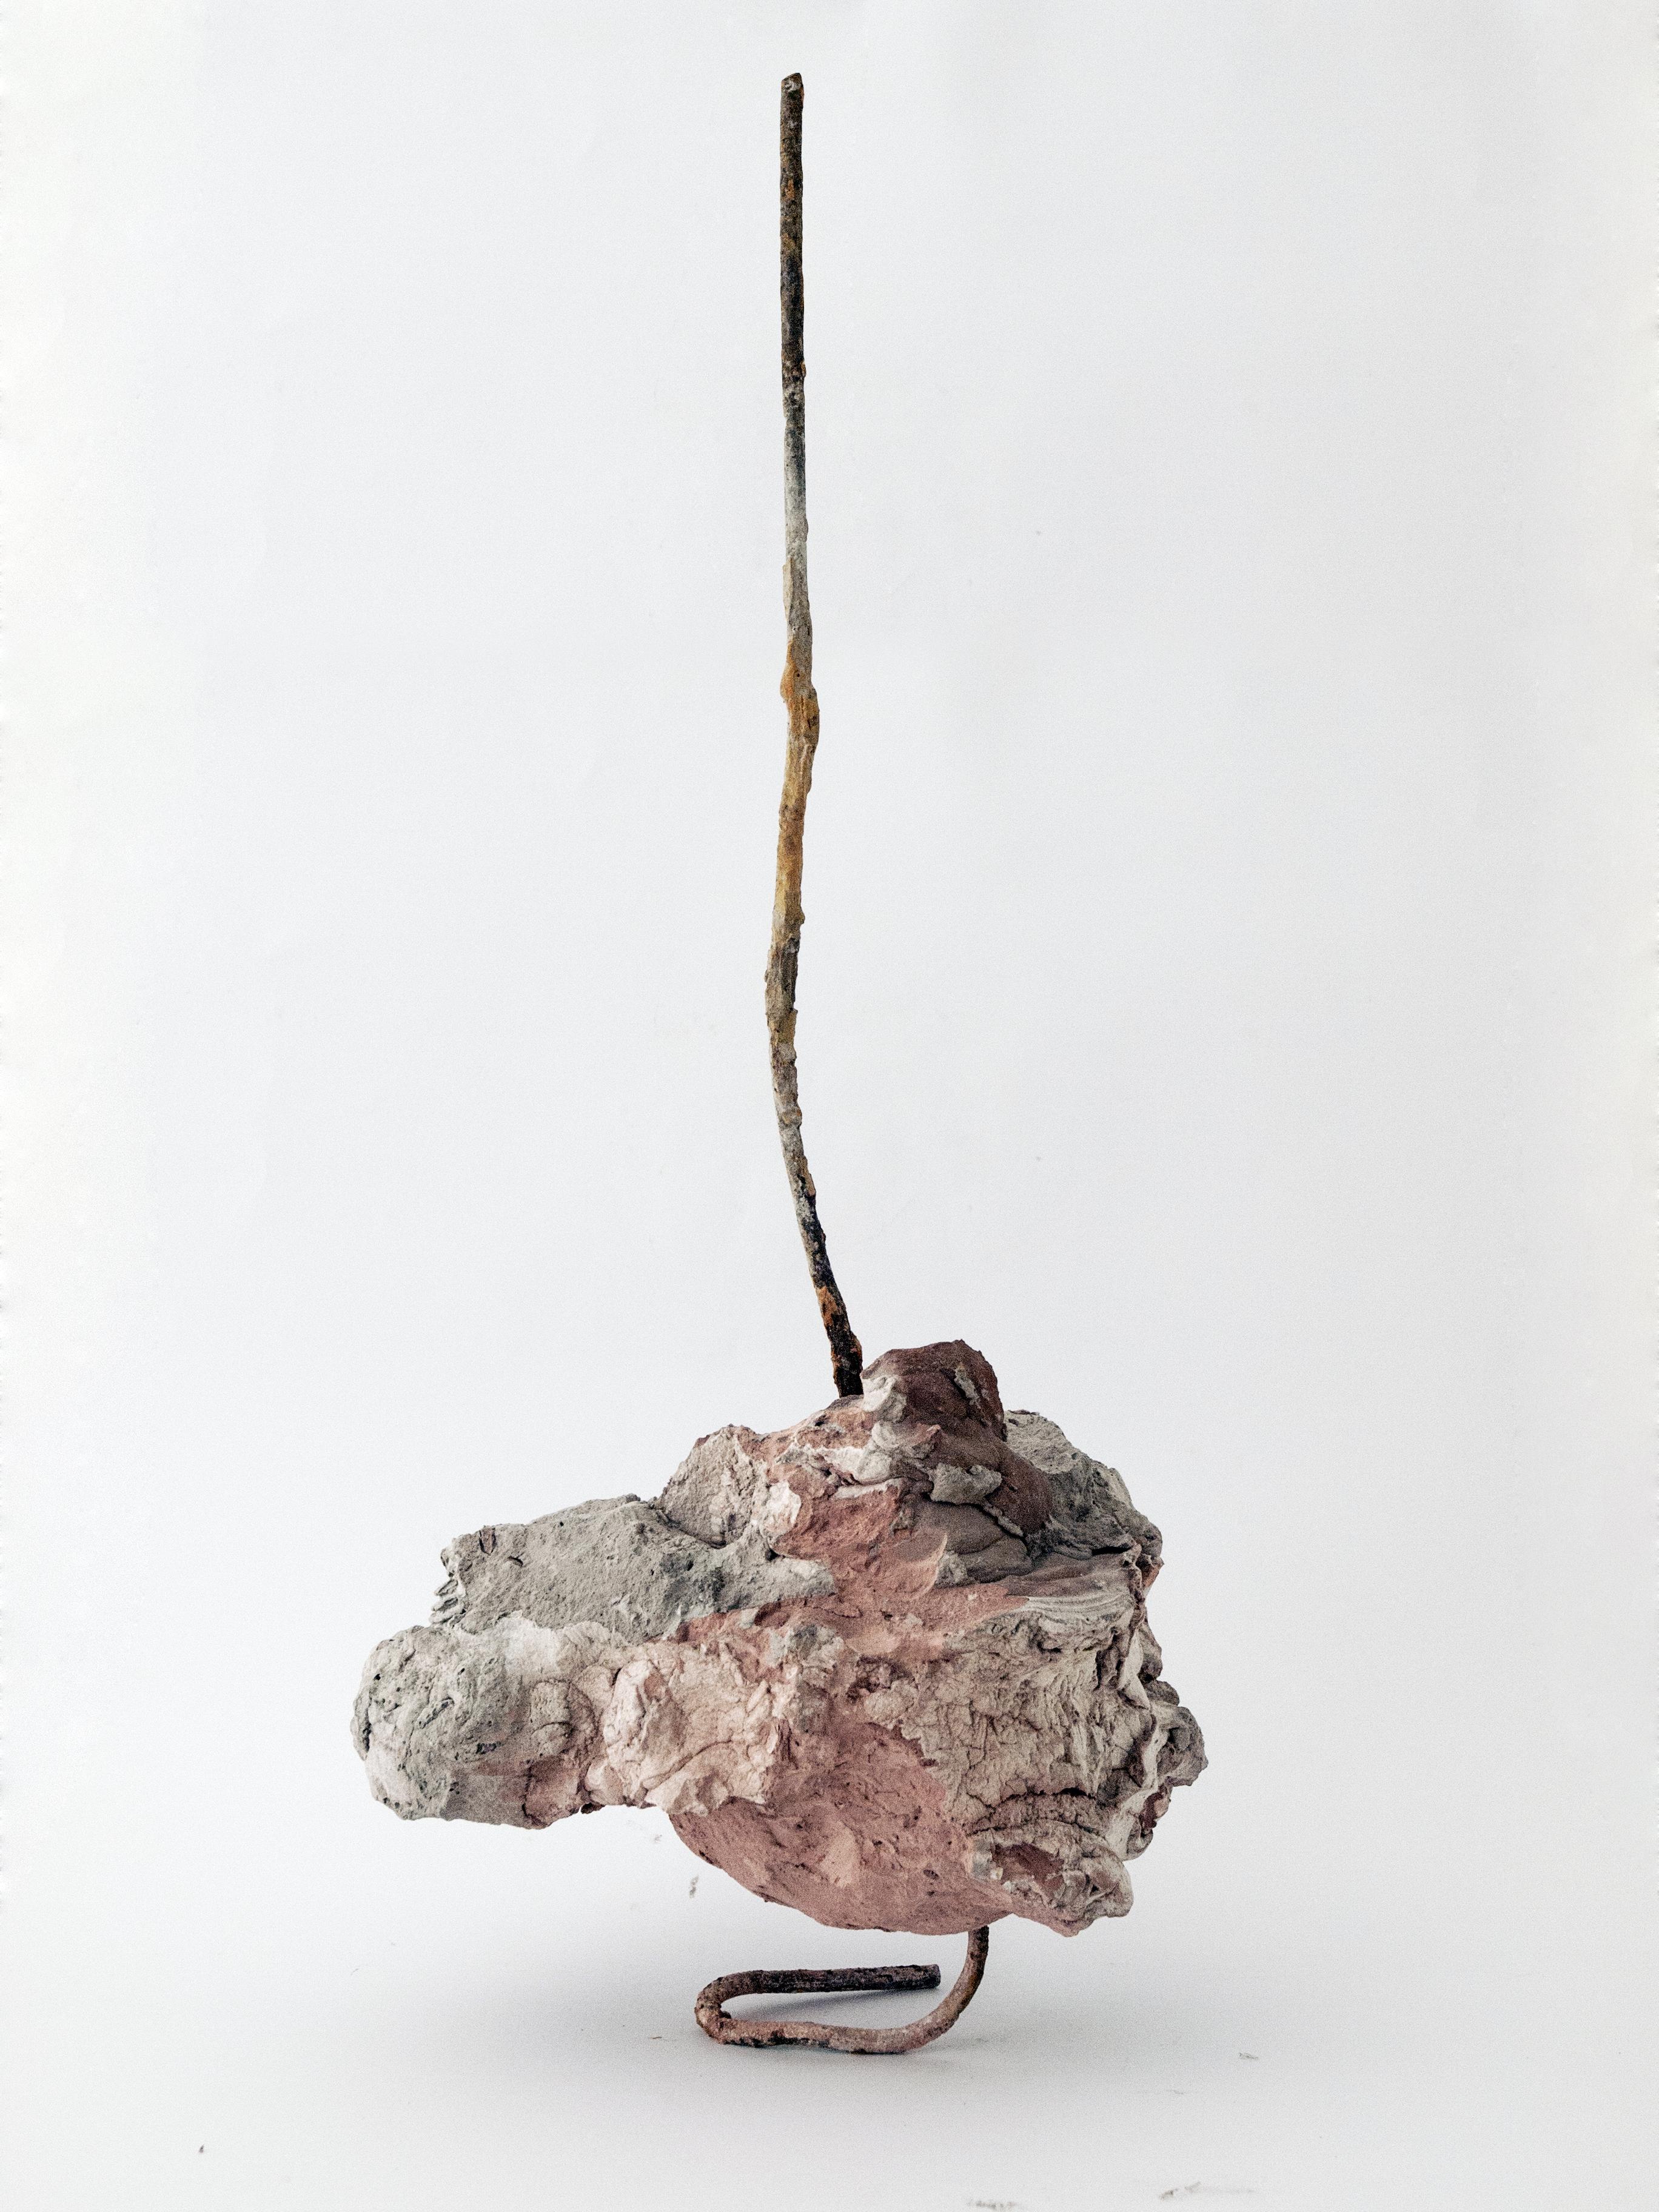 Ilaria Cuccagna, Sculpture's heart, Gesso, acqua di mare, ossido di ferro, 35 x 20 x 75 cm, 2021